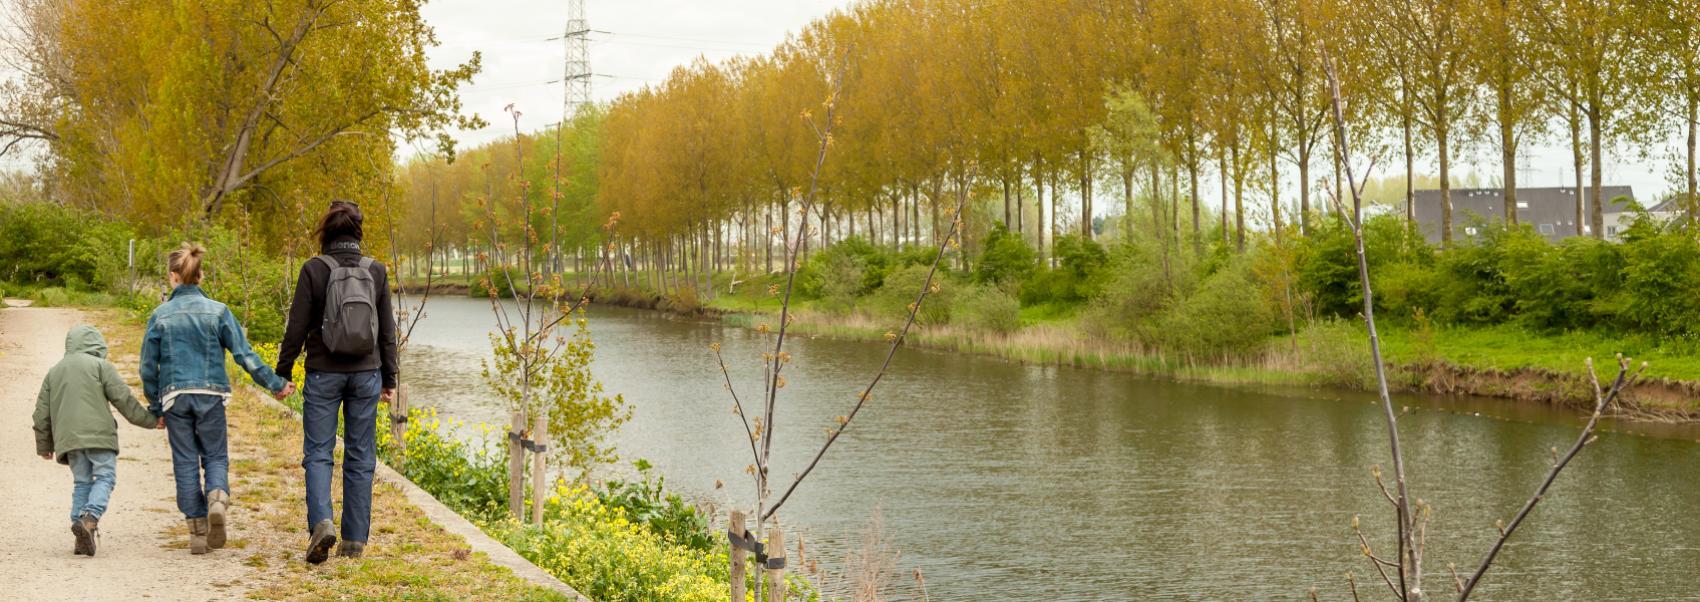 gezin aan het wandelen langs het kanaal